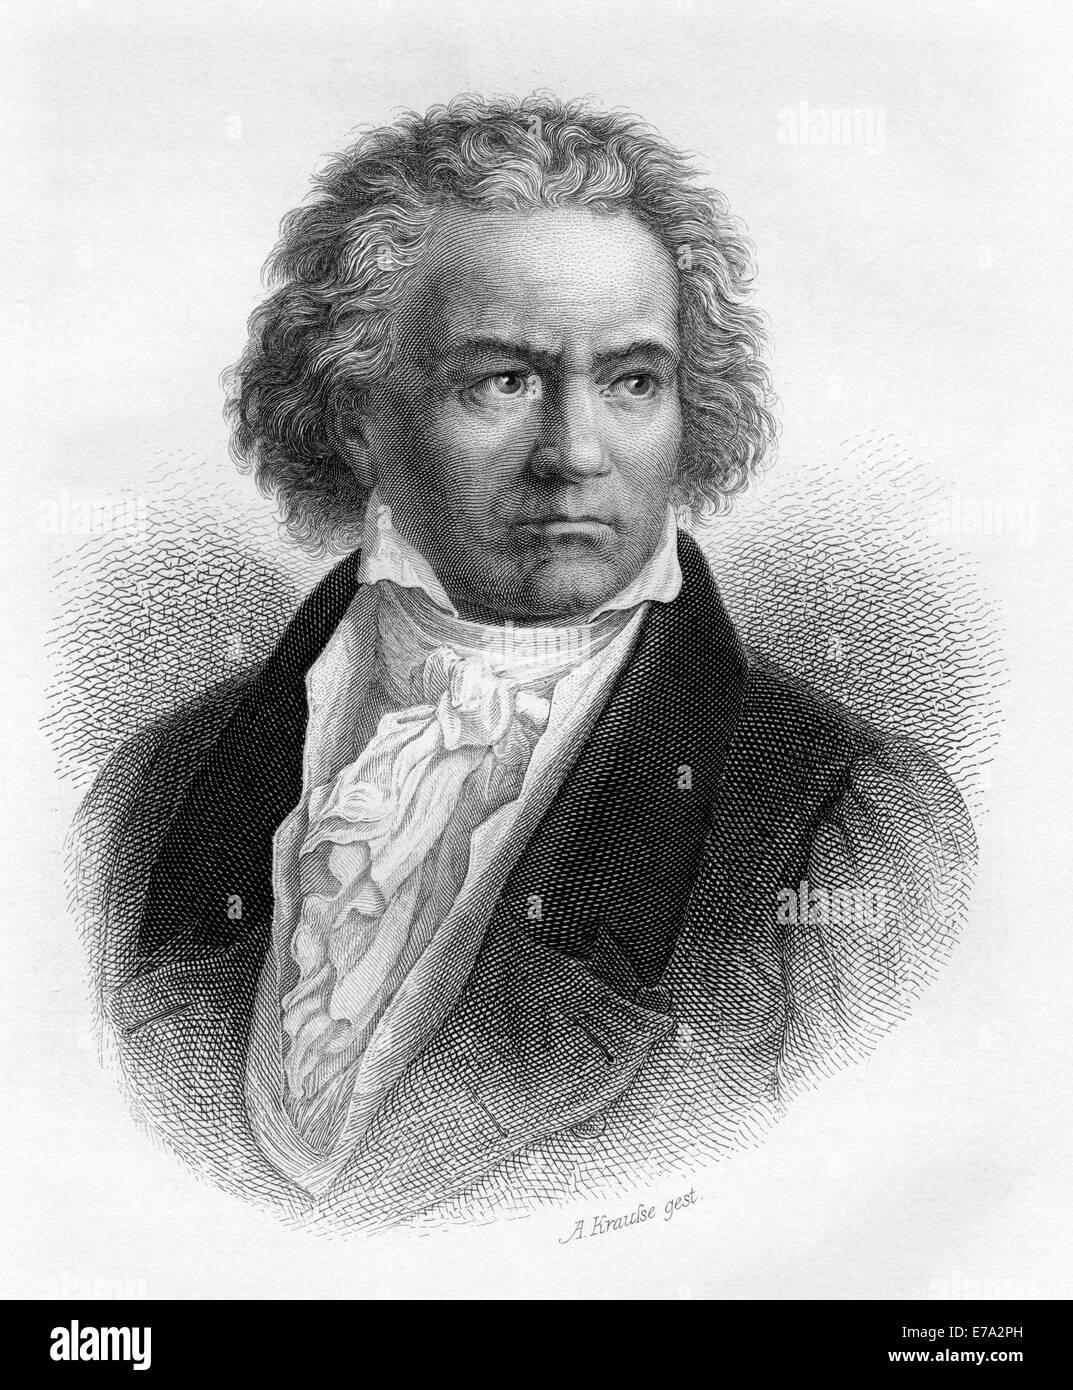 Ludwig van Beethoven (1770-1827), German Composer, Engraving, 1873 - Stock Image